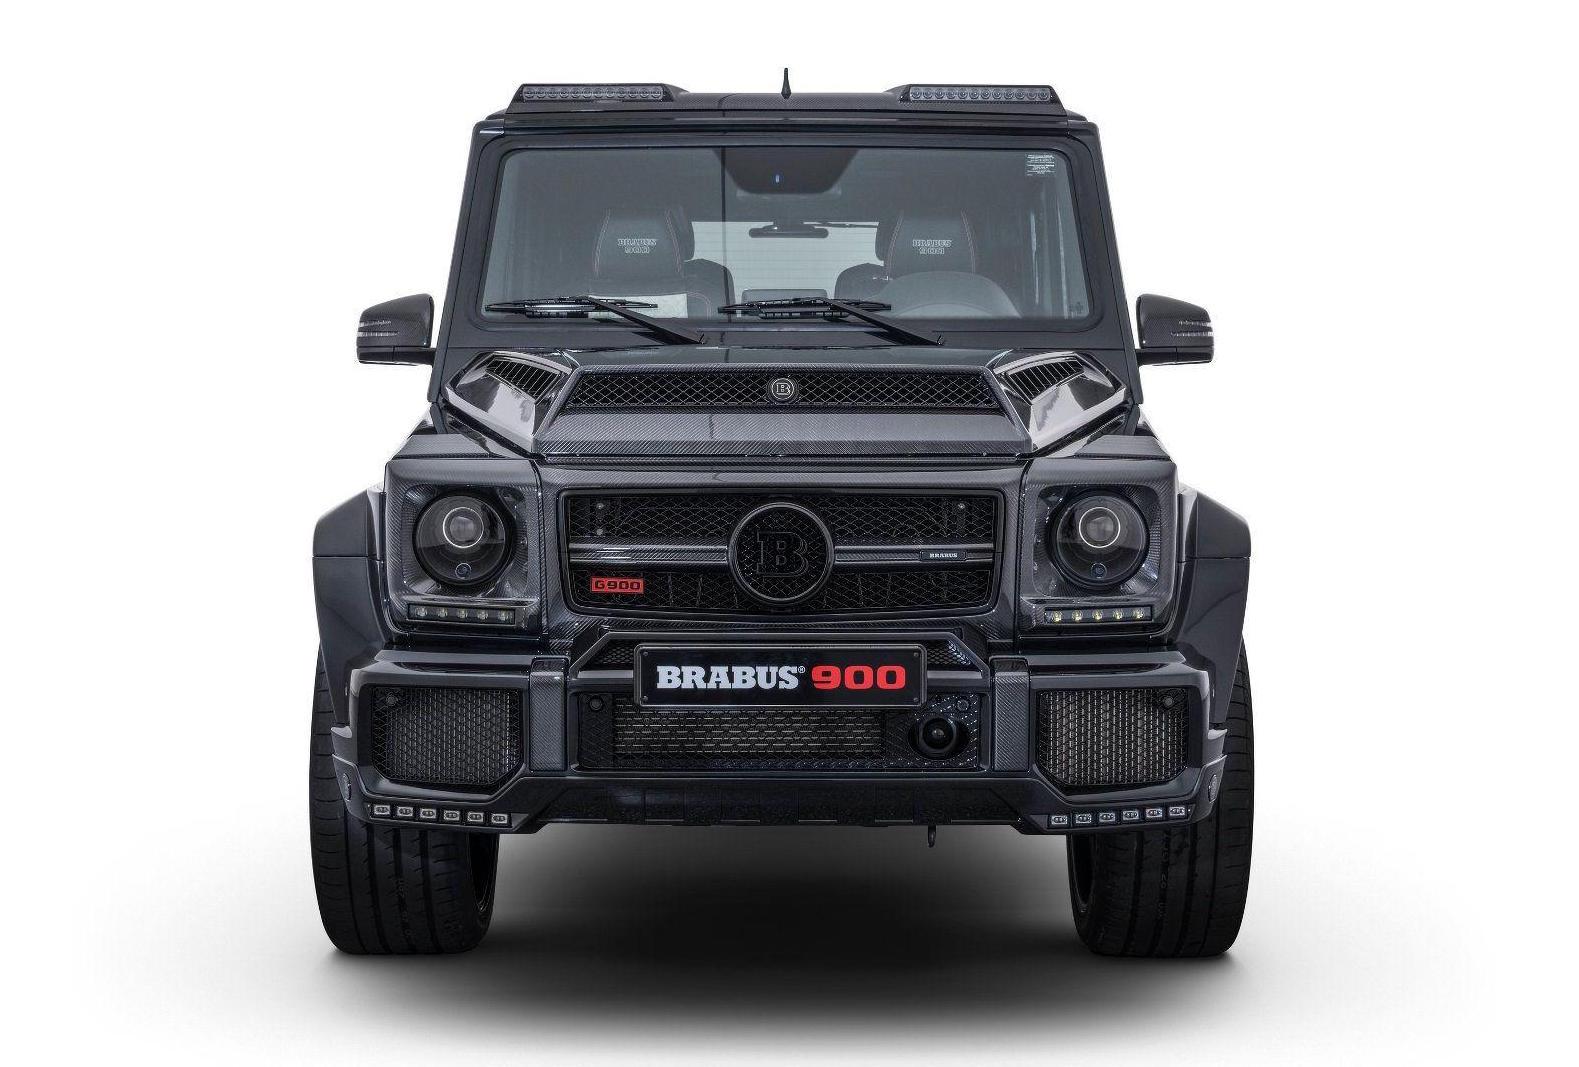 Brabus G 900